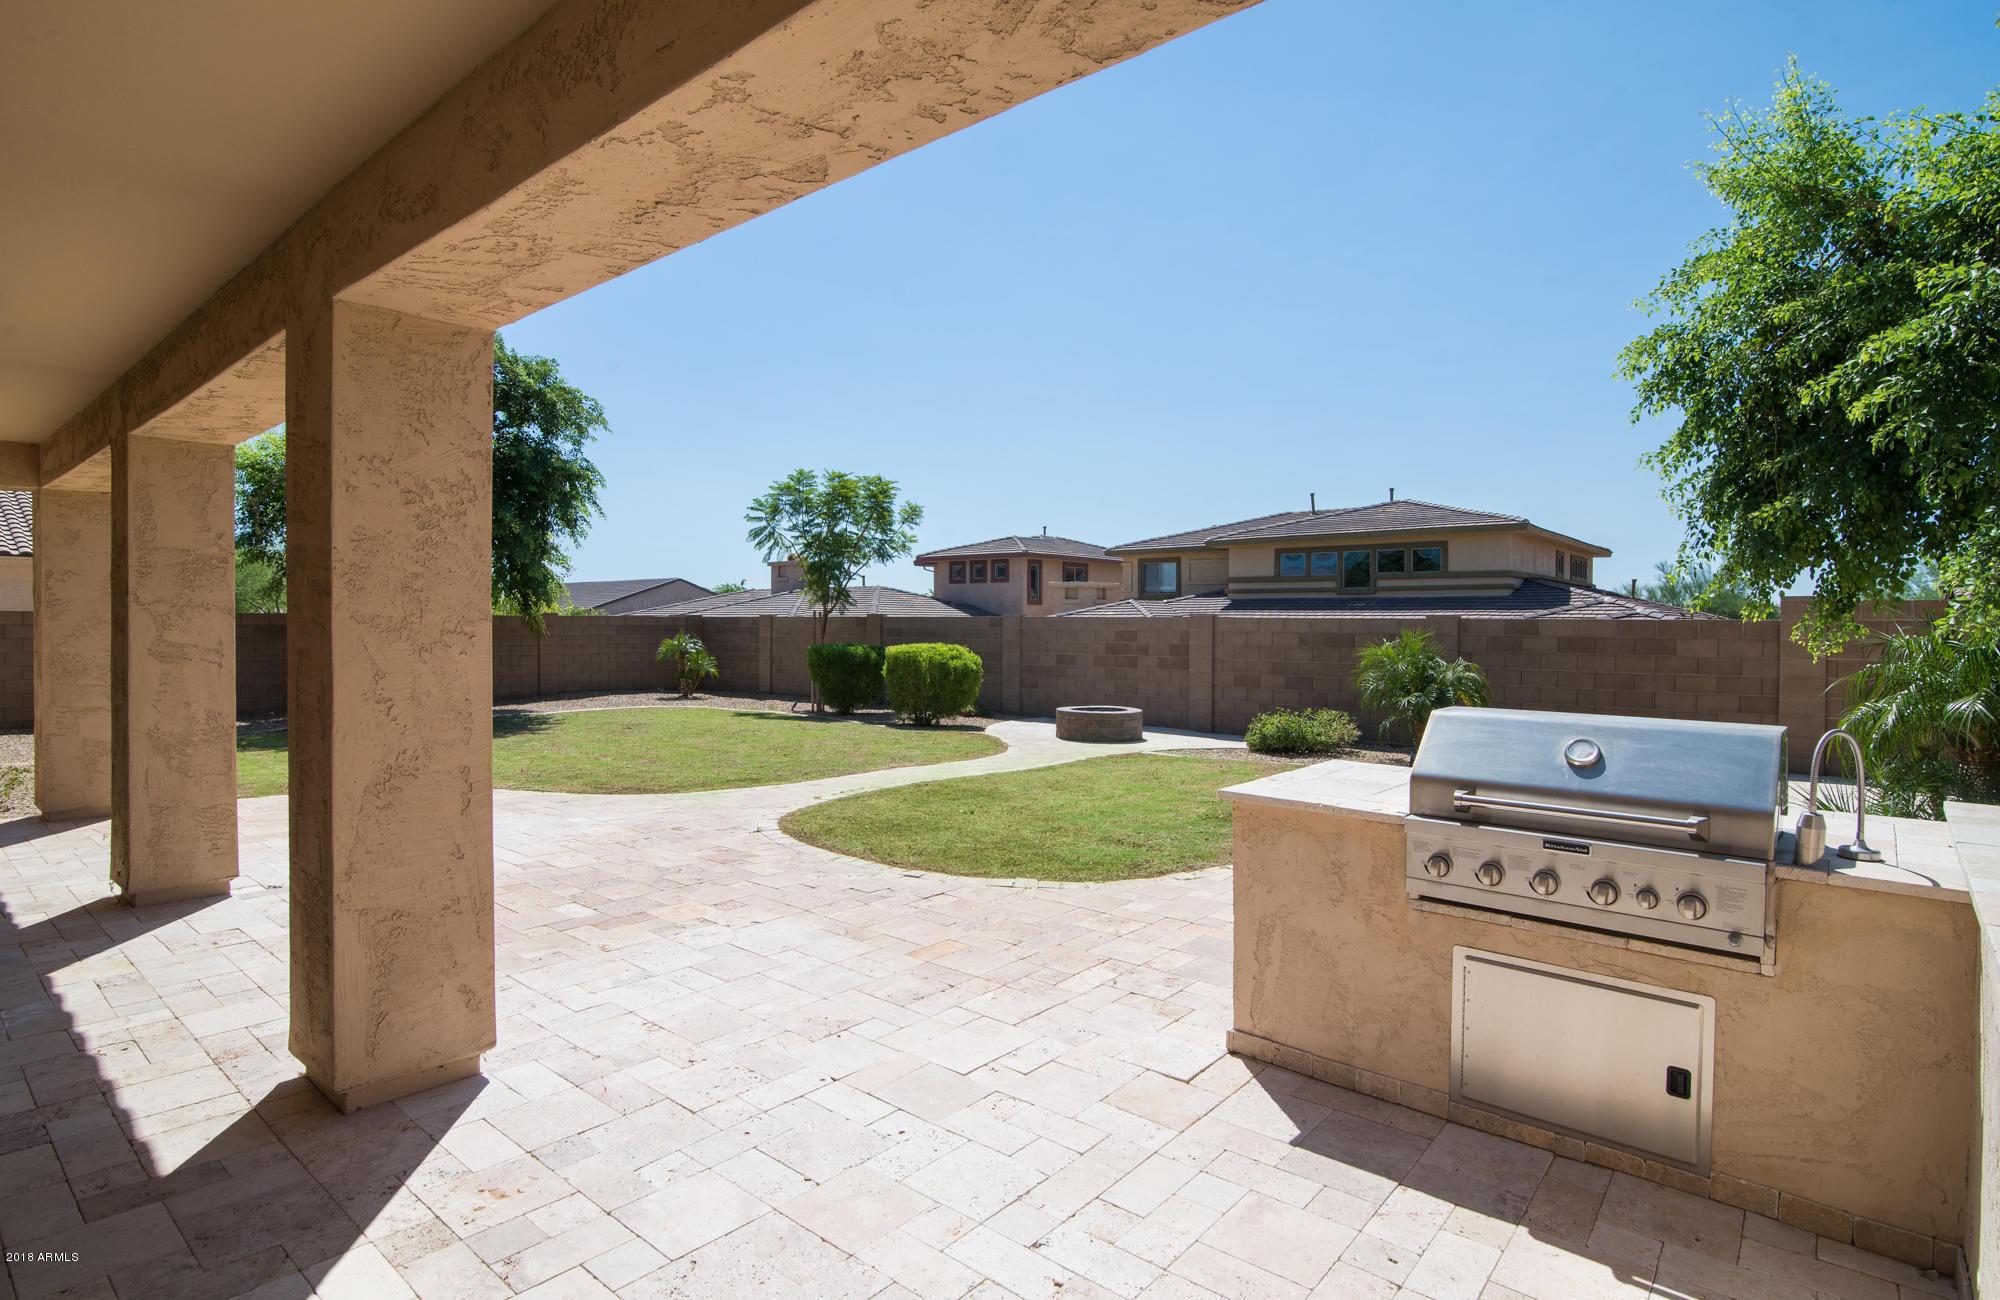 MLS 5818854 13397 W JESSE RED Drive, Peoria, AZ 85383 Peoria AZ Vistancia Village